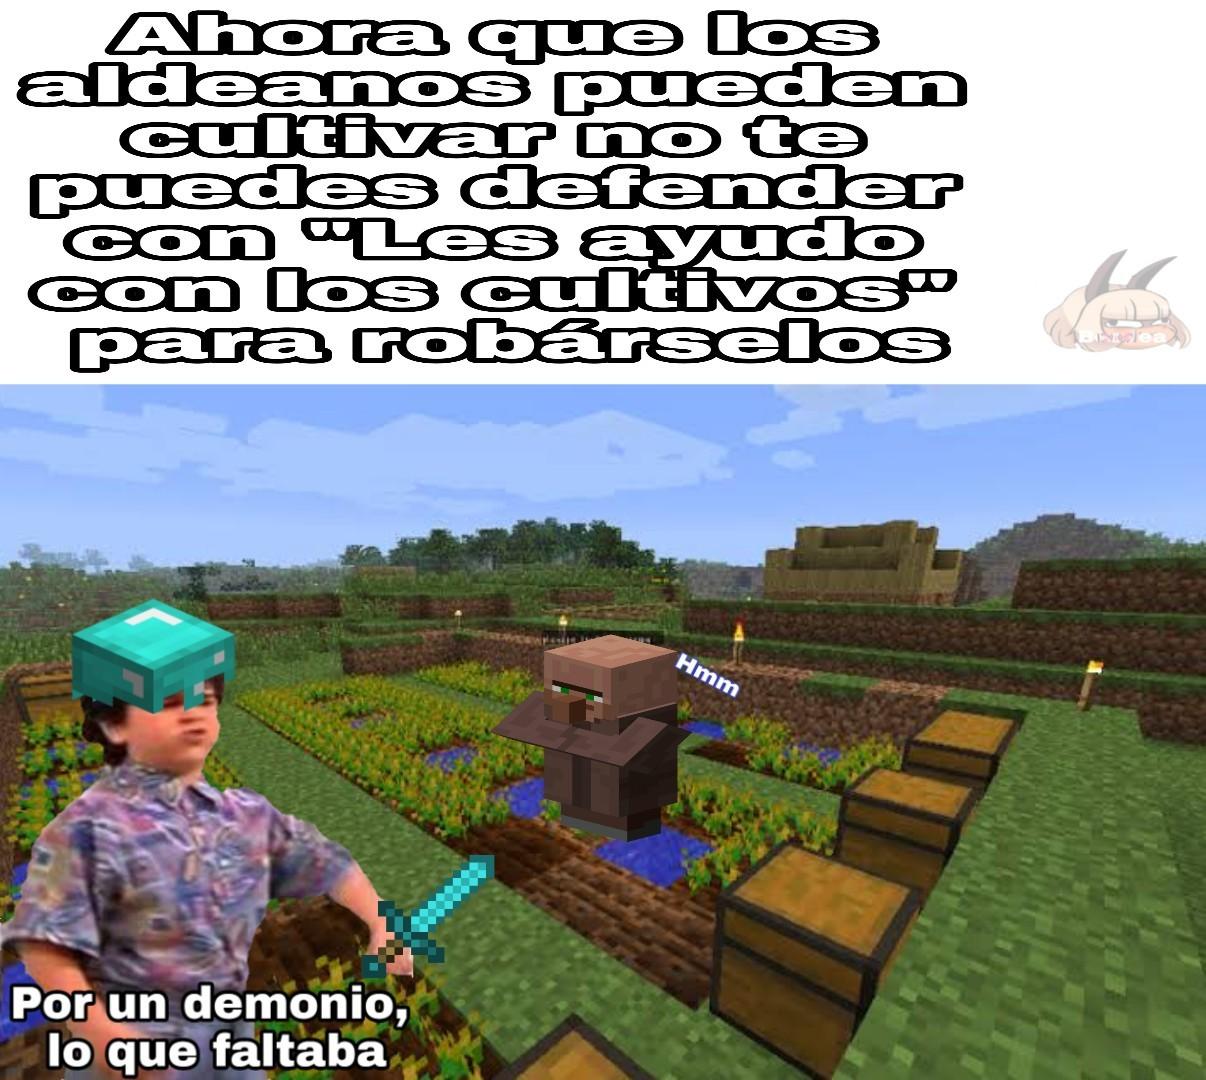 Chale, todos futuristas los aldeanos - meme